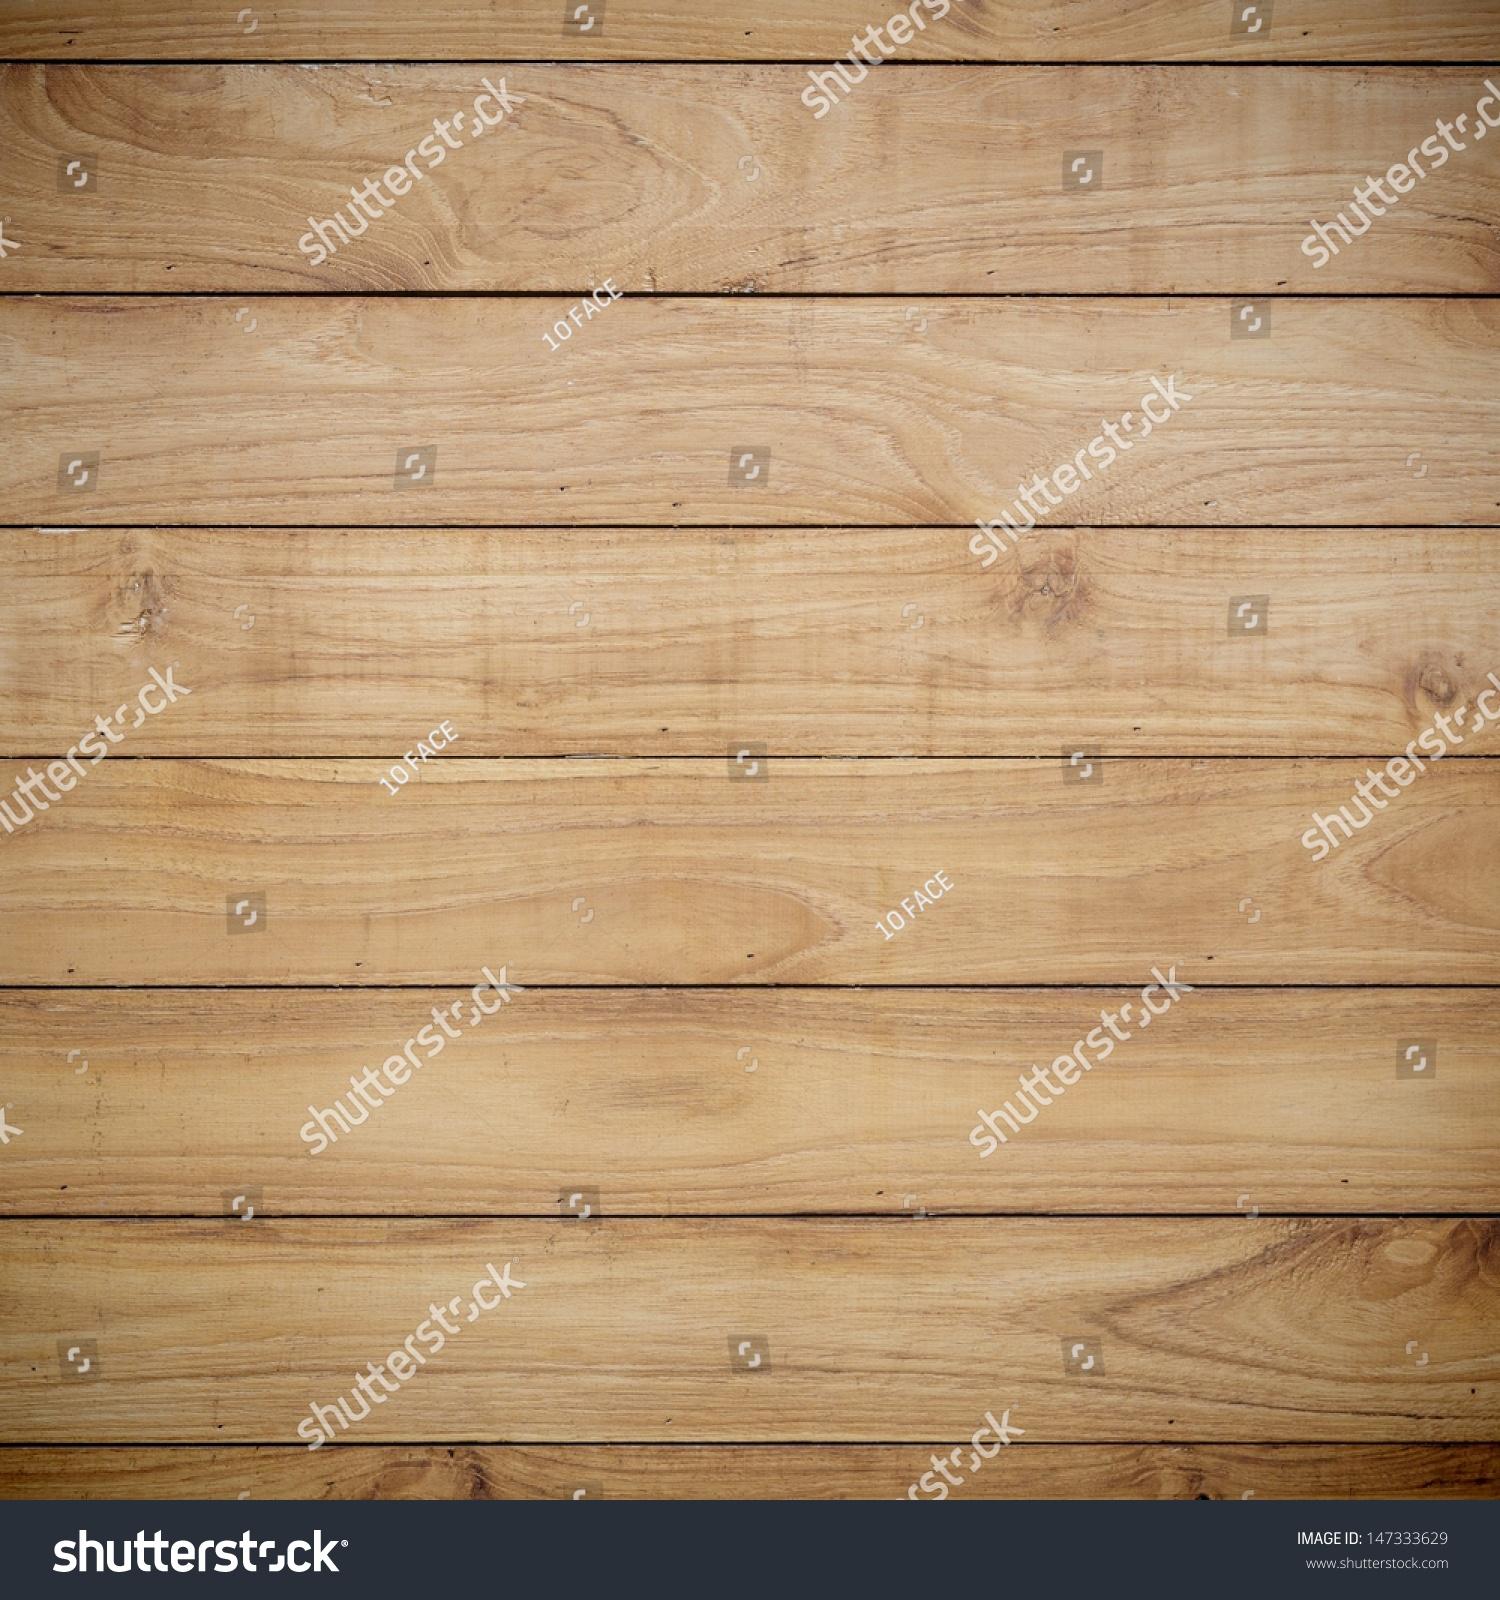 棕色的木头纹理背景-背景/素材,编辑-海洛创意()-中国